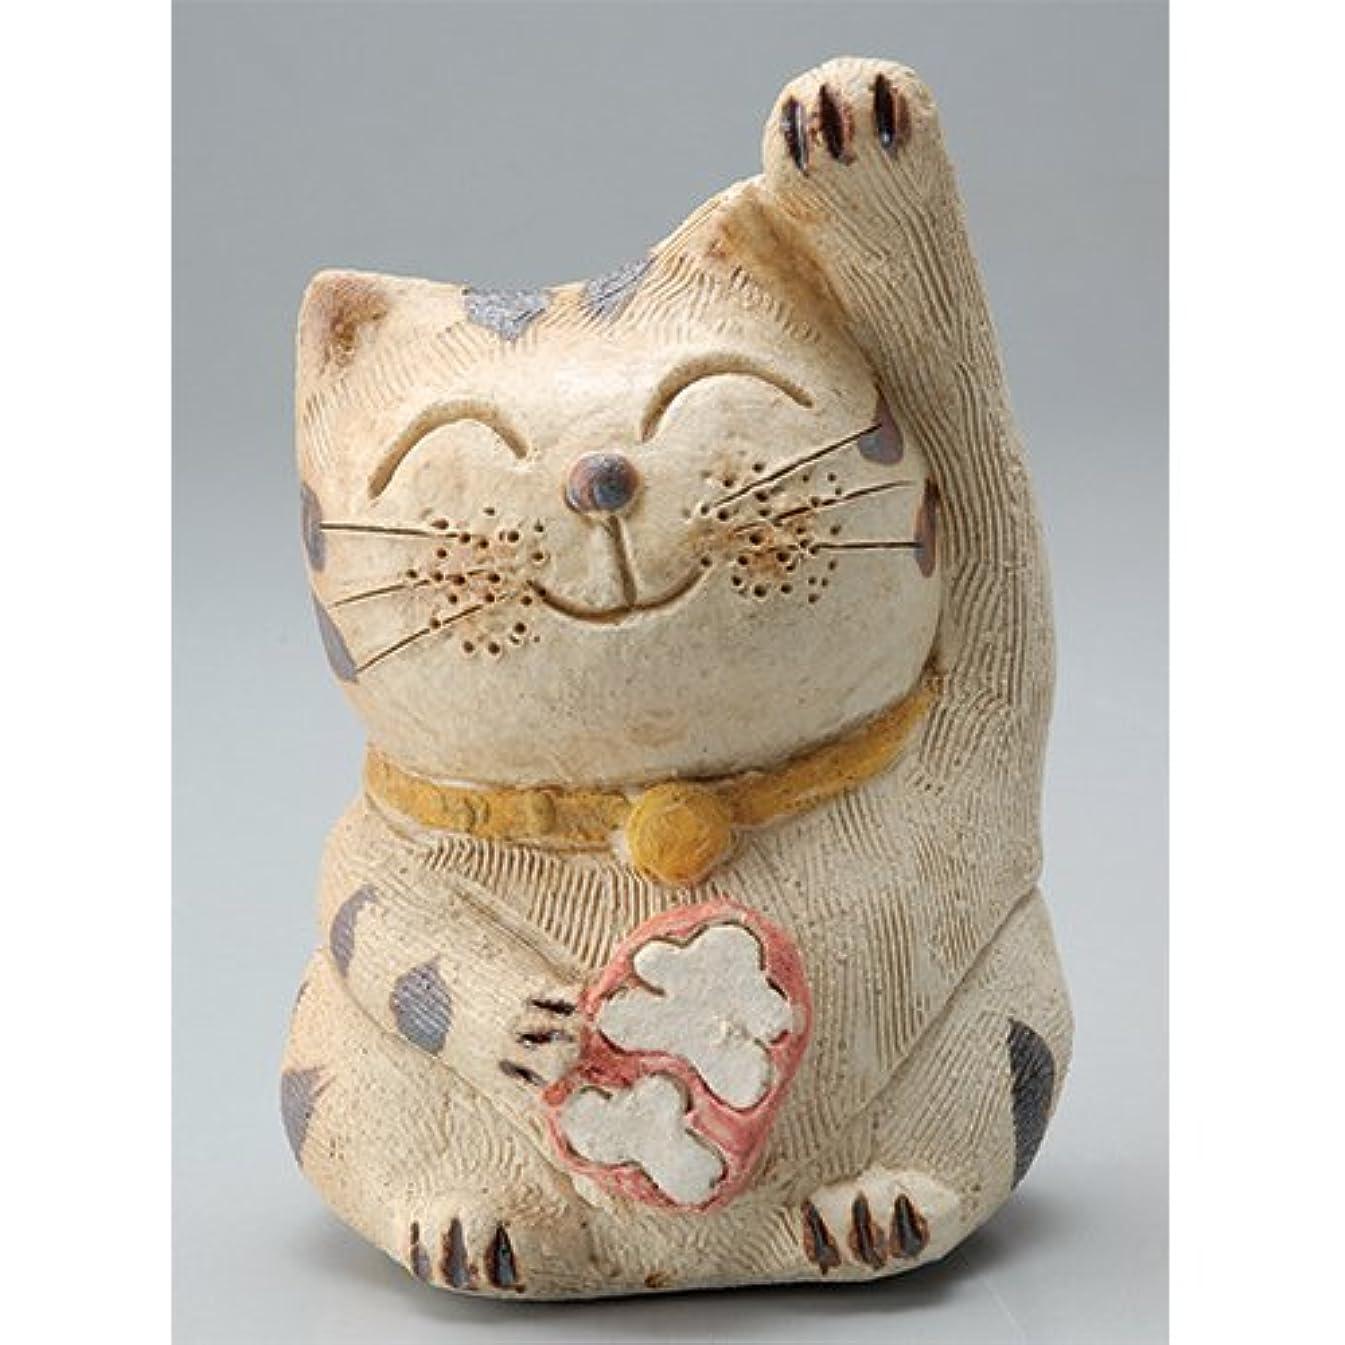 神社鳩後者香炉 微笑み招き猫(人招き)香炉(中) [H14cm] HANDMADE プレゼント ギフト 和食器 かわいい インテリア